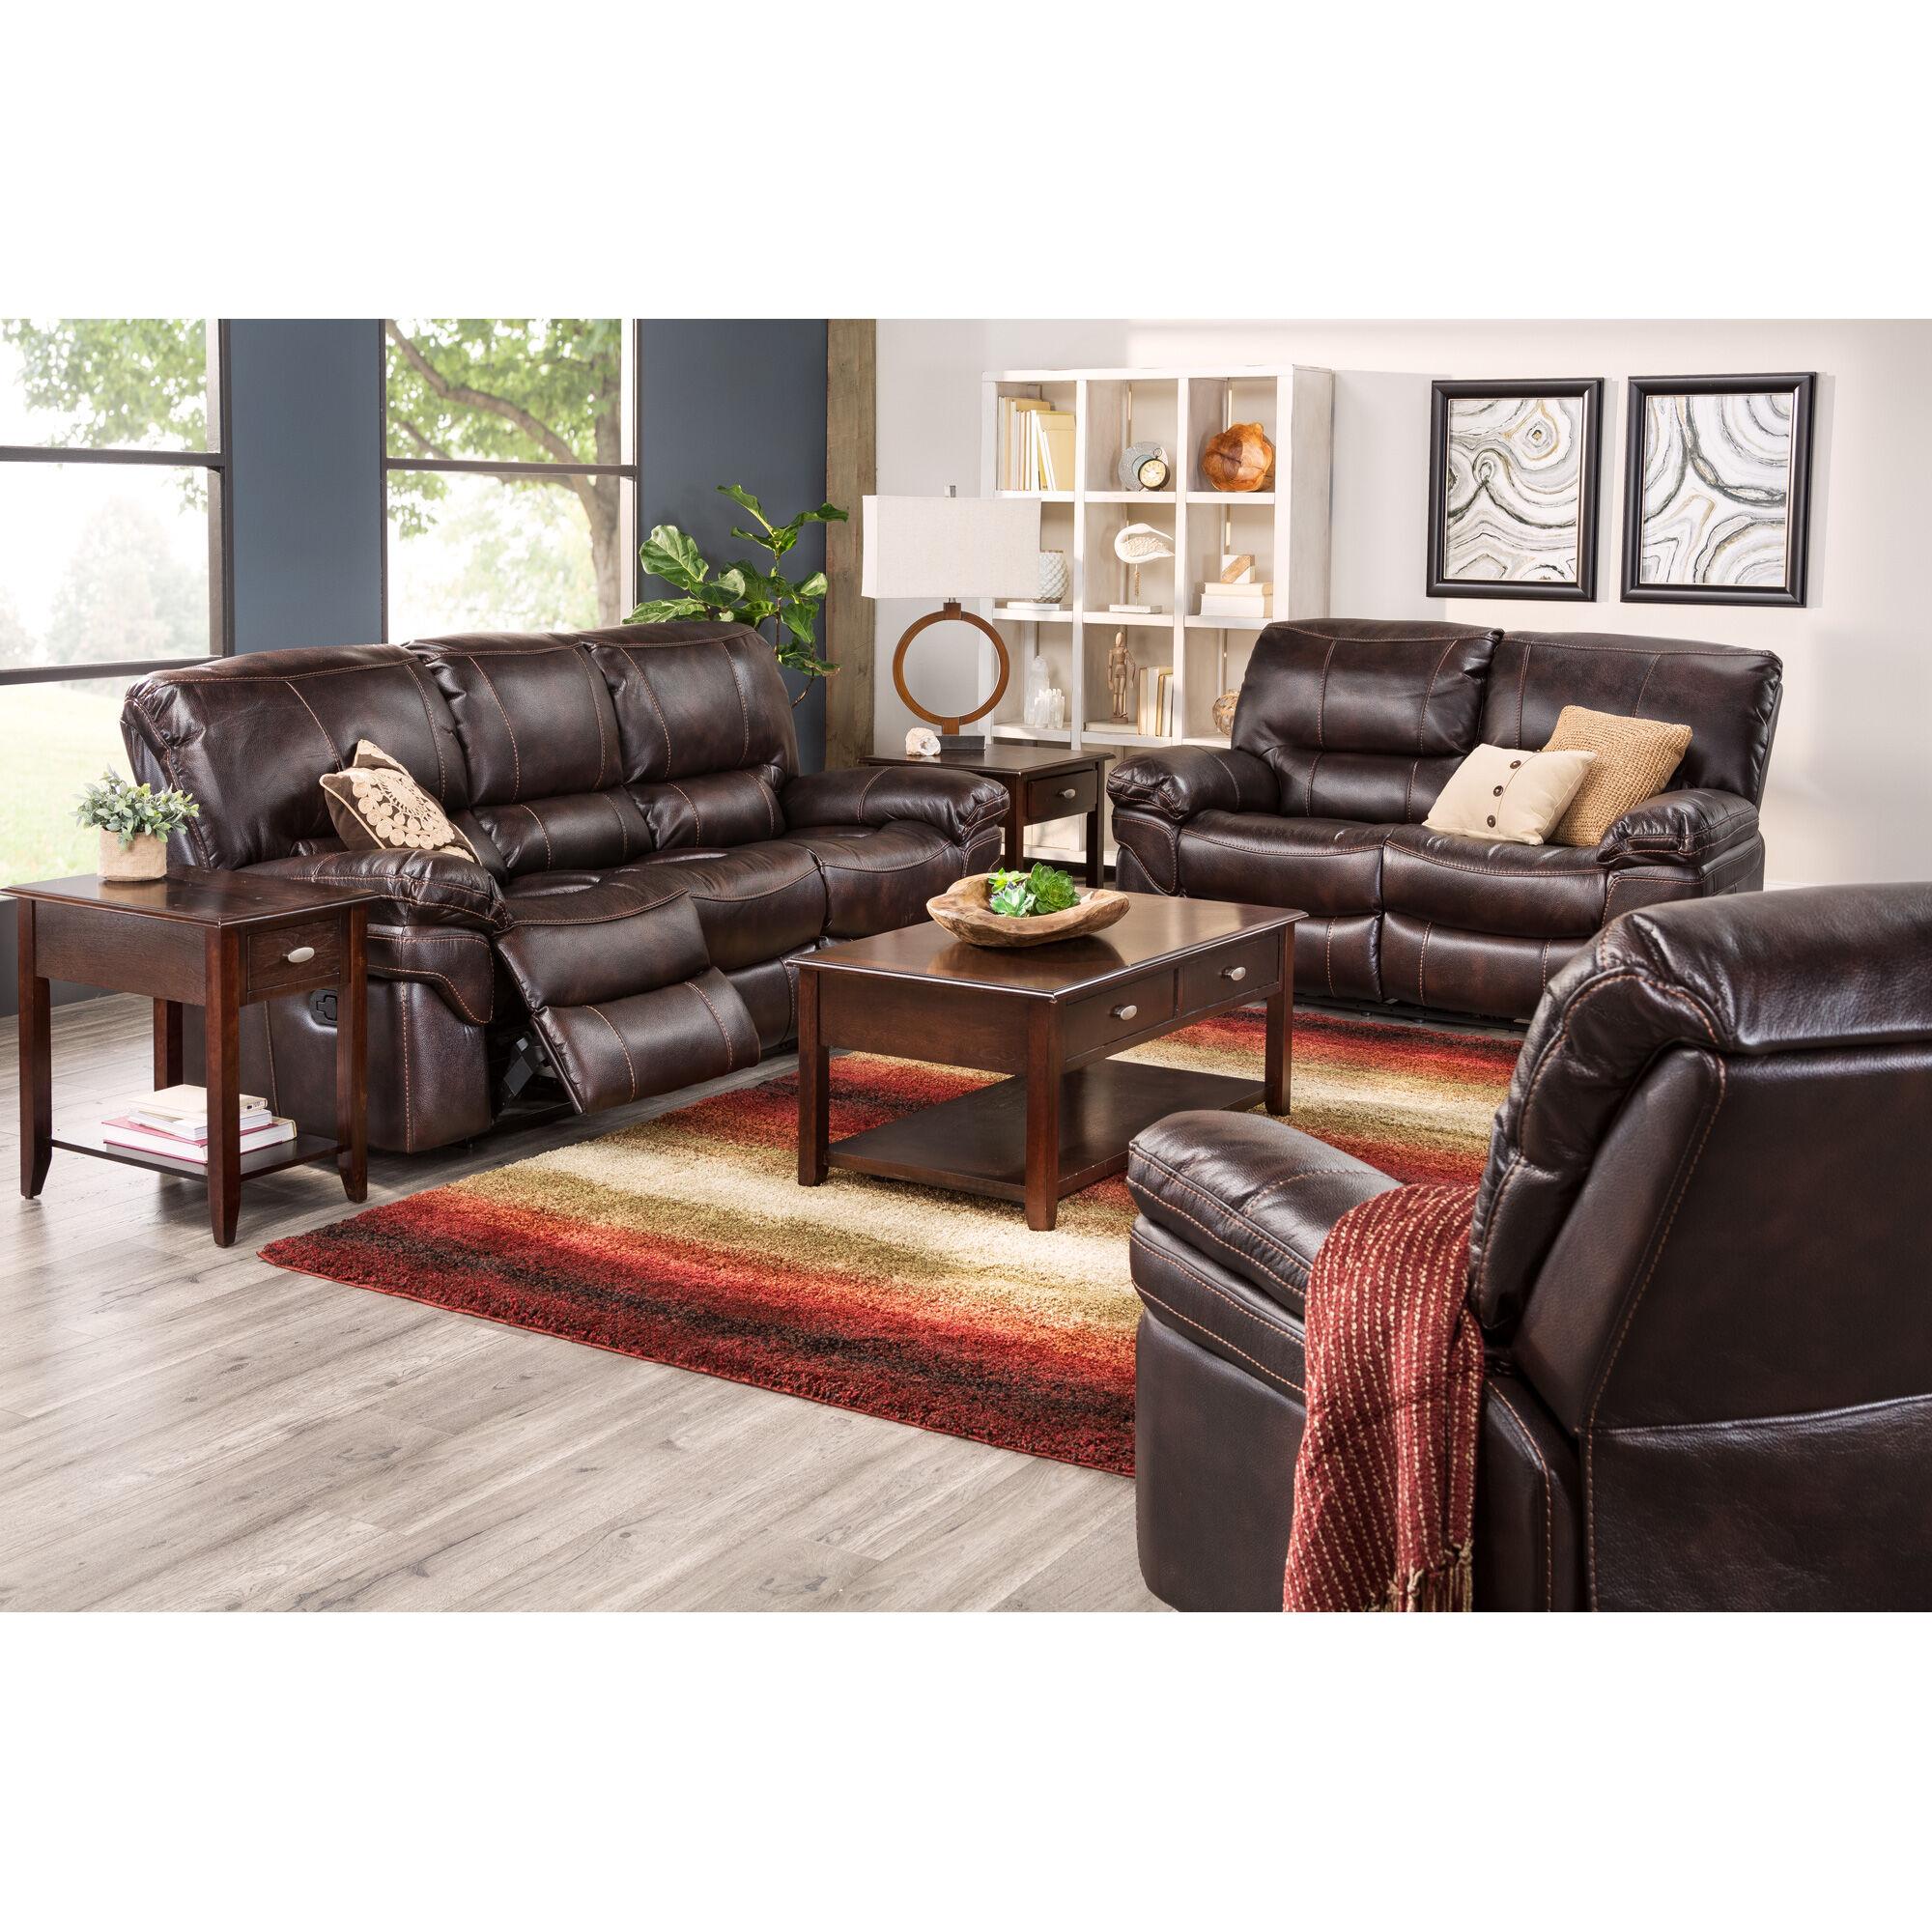 Slumberland Furniture Valdez Brown Reclining Sofa